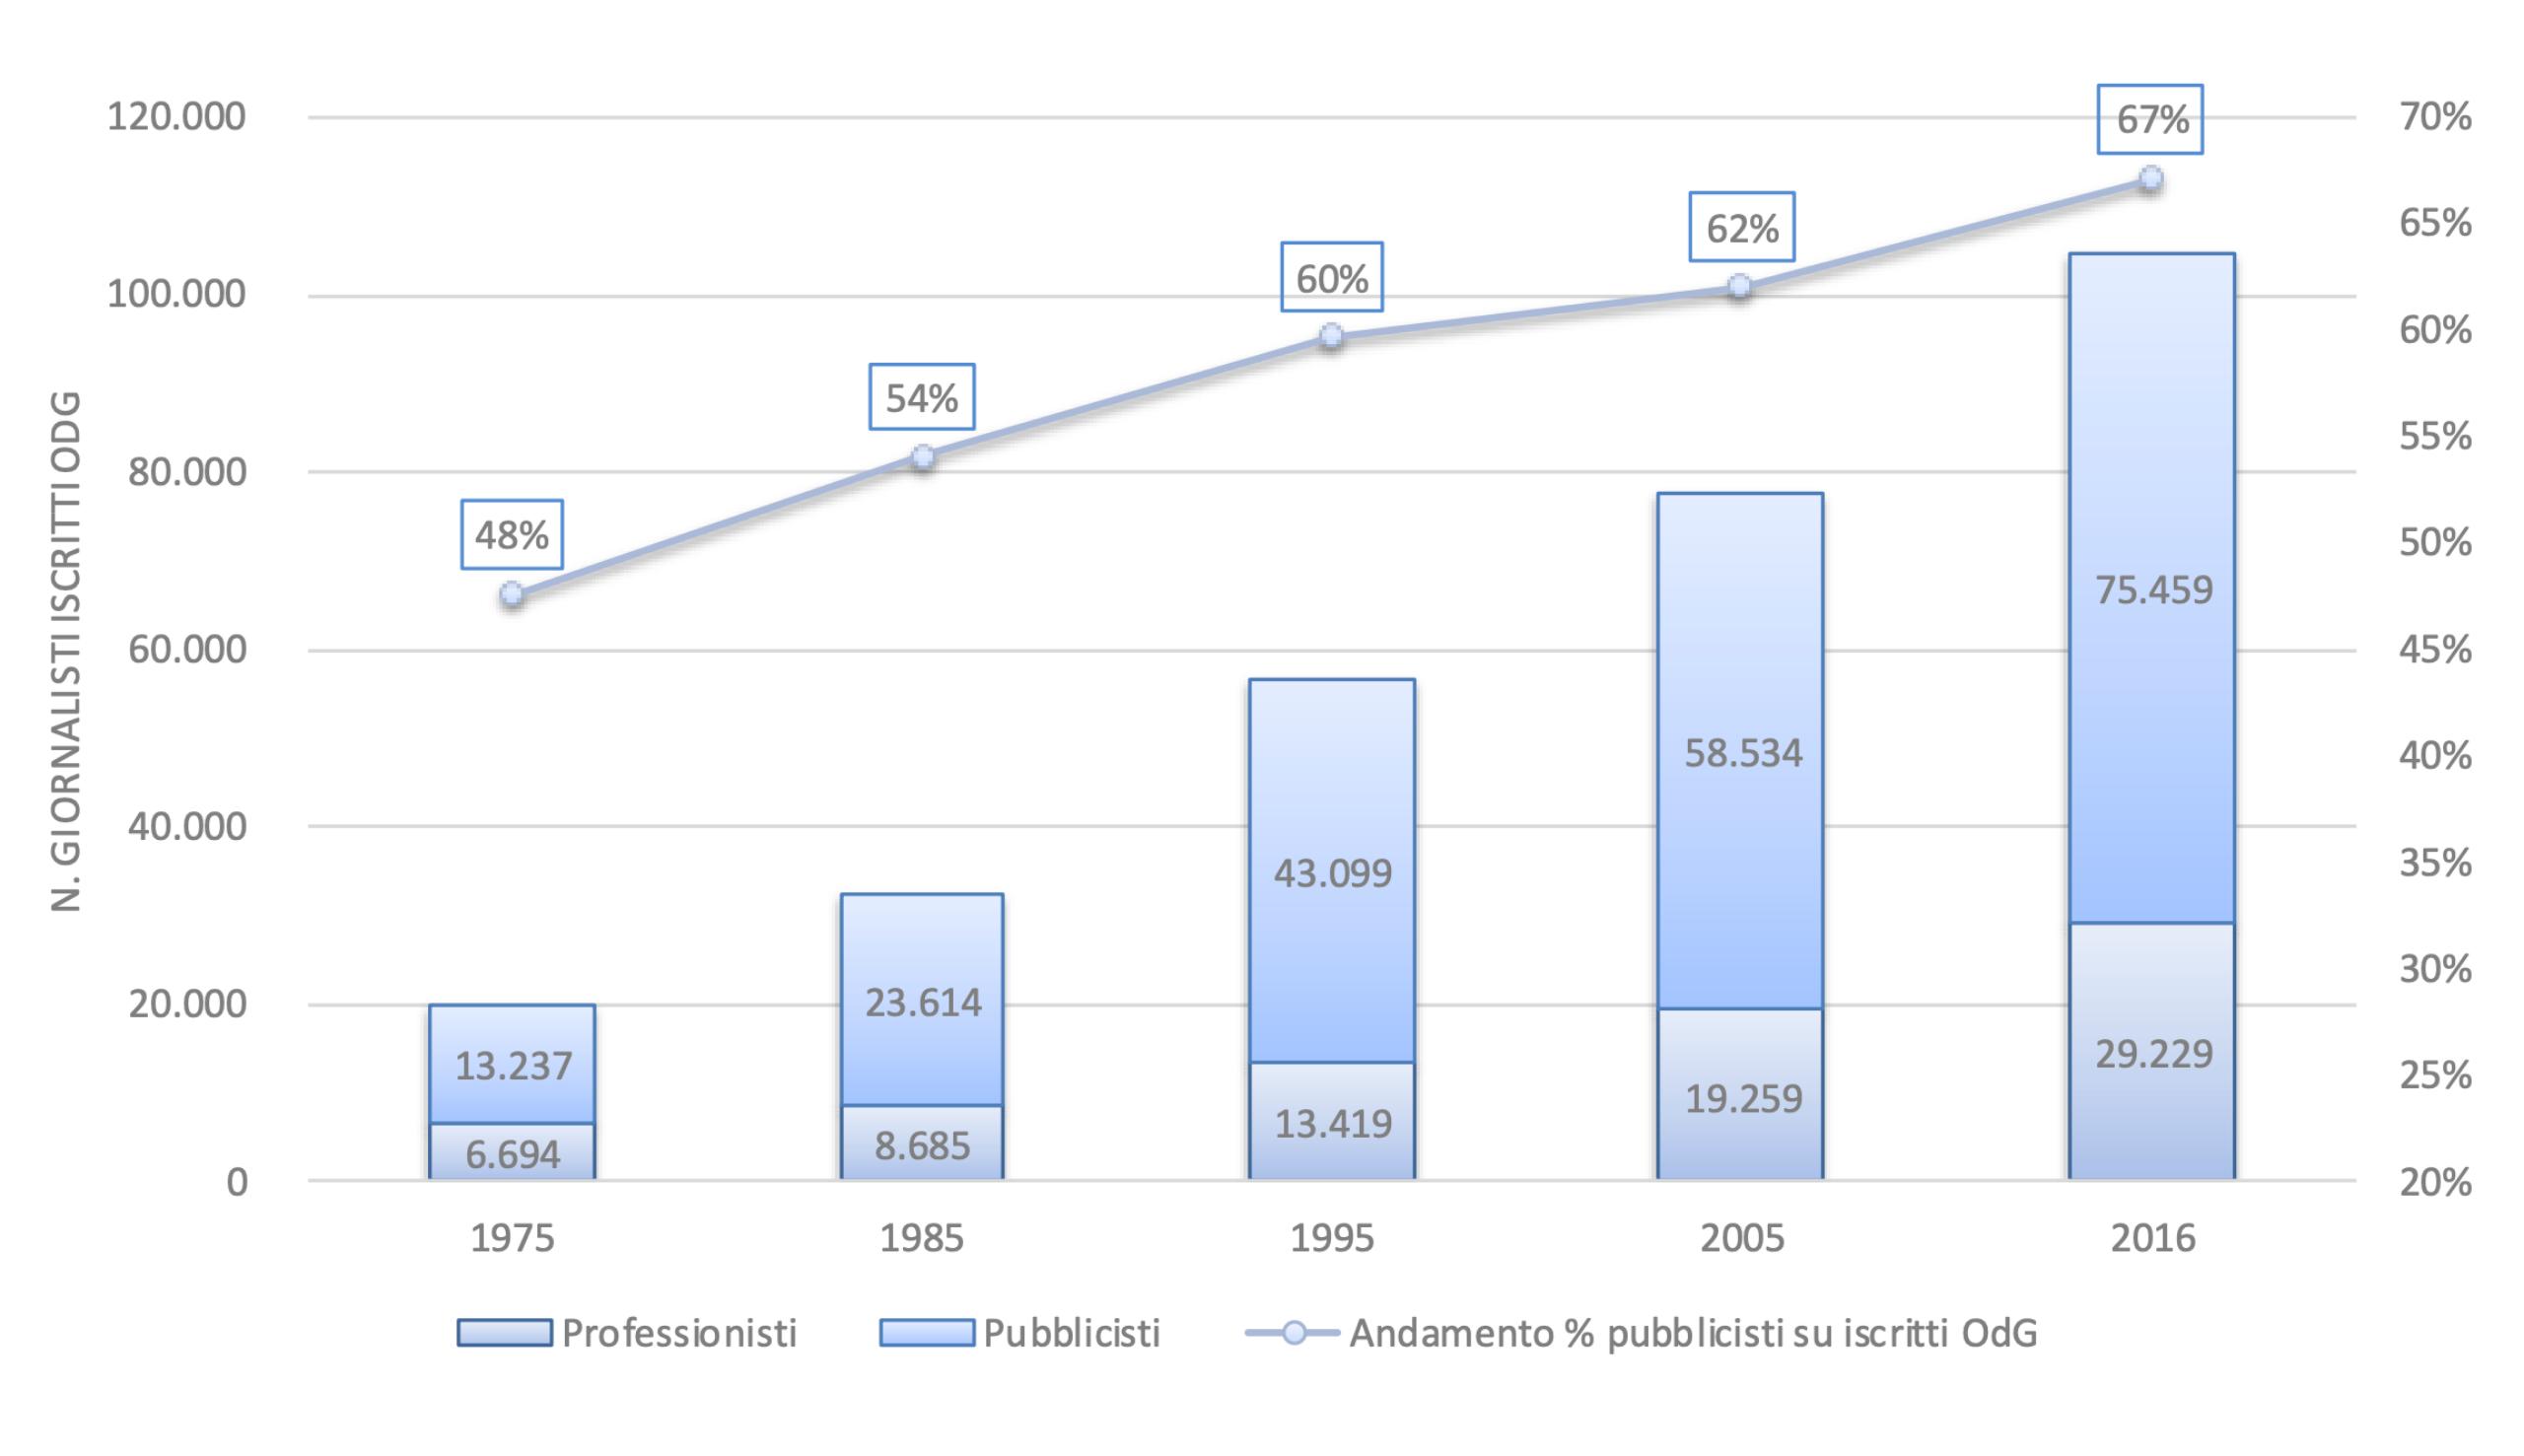 Numero degli iscritti all'Ordine de giornalisti per categoria (Professionisti/Pubblicisti)